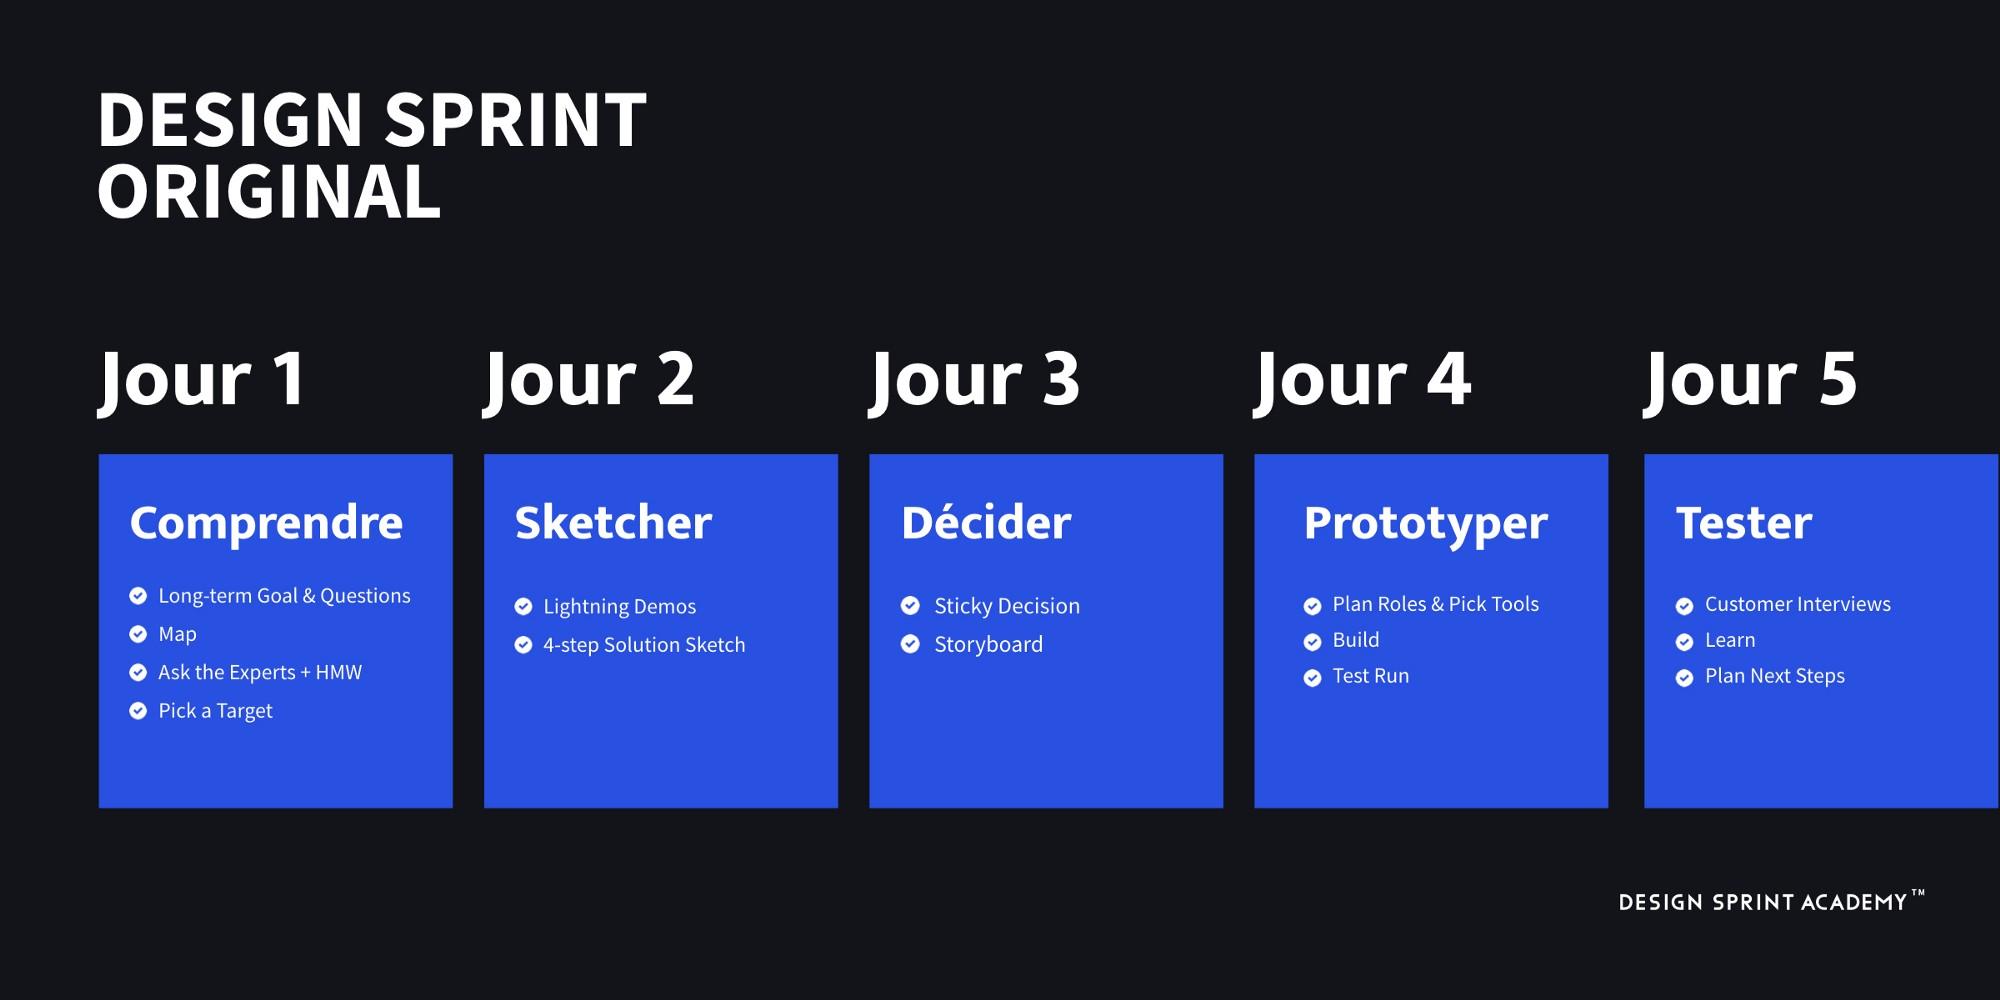 5 grandes étapes sur 5 jours: Comprendre, Sketcher, Décider, Prototyper, Tester